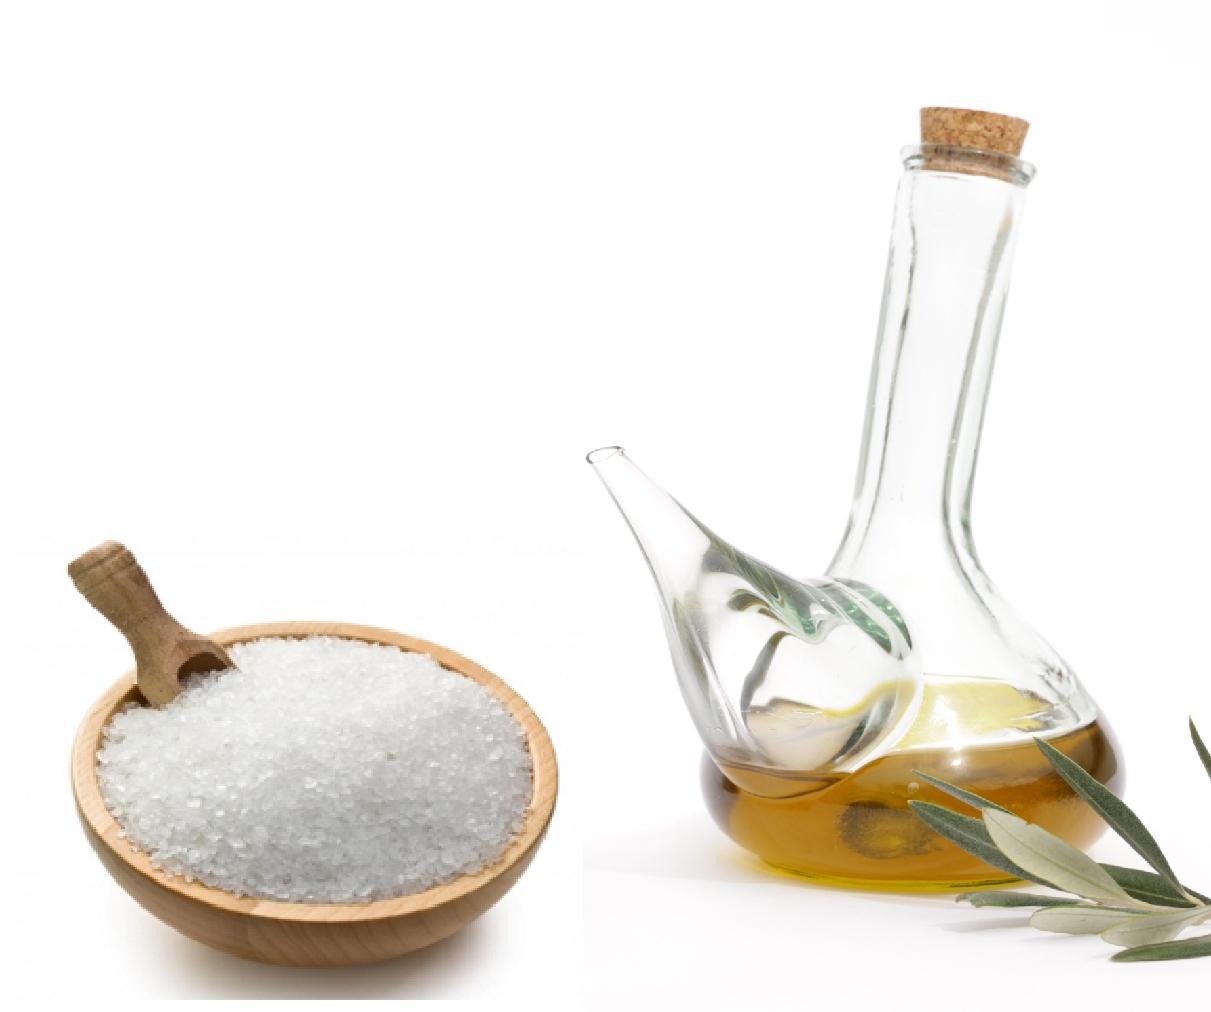 Aceite de oliva y sal